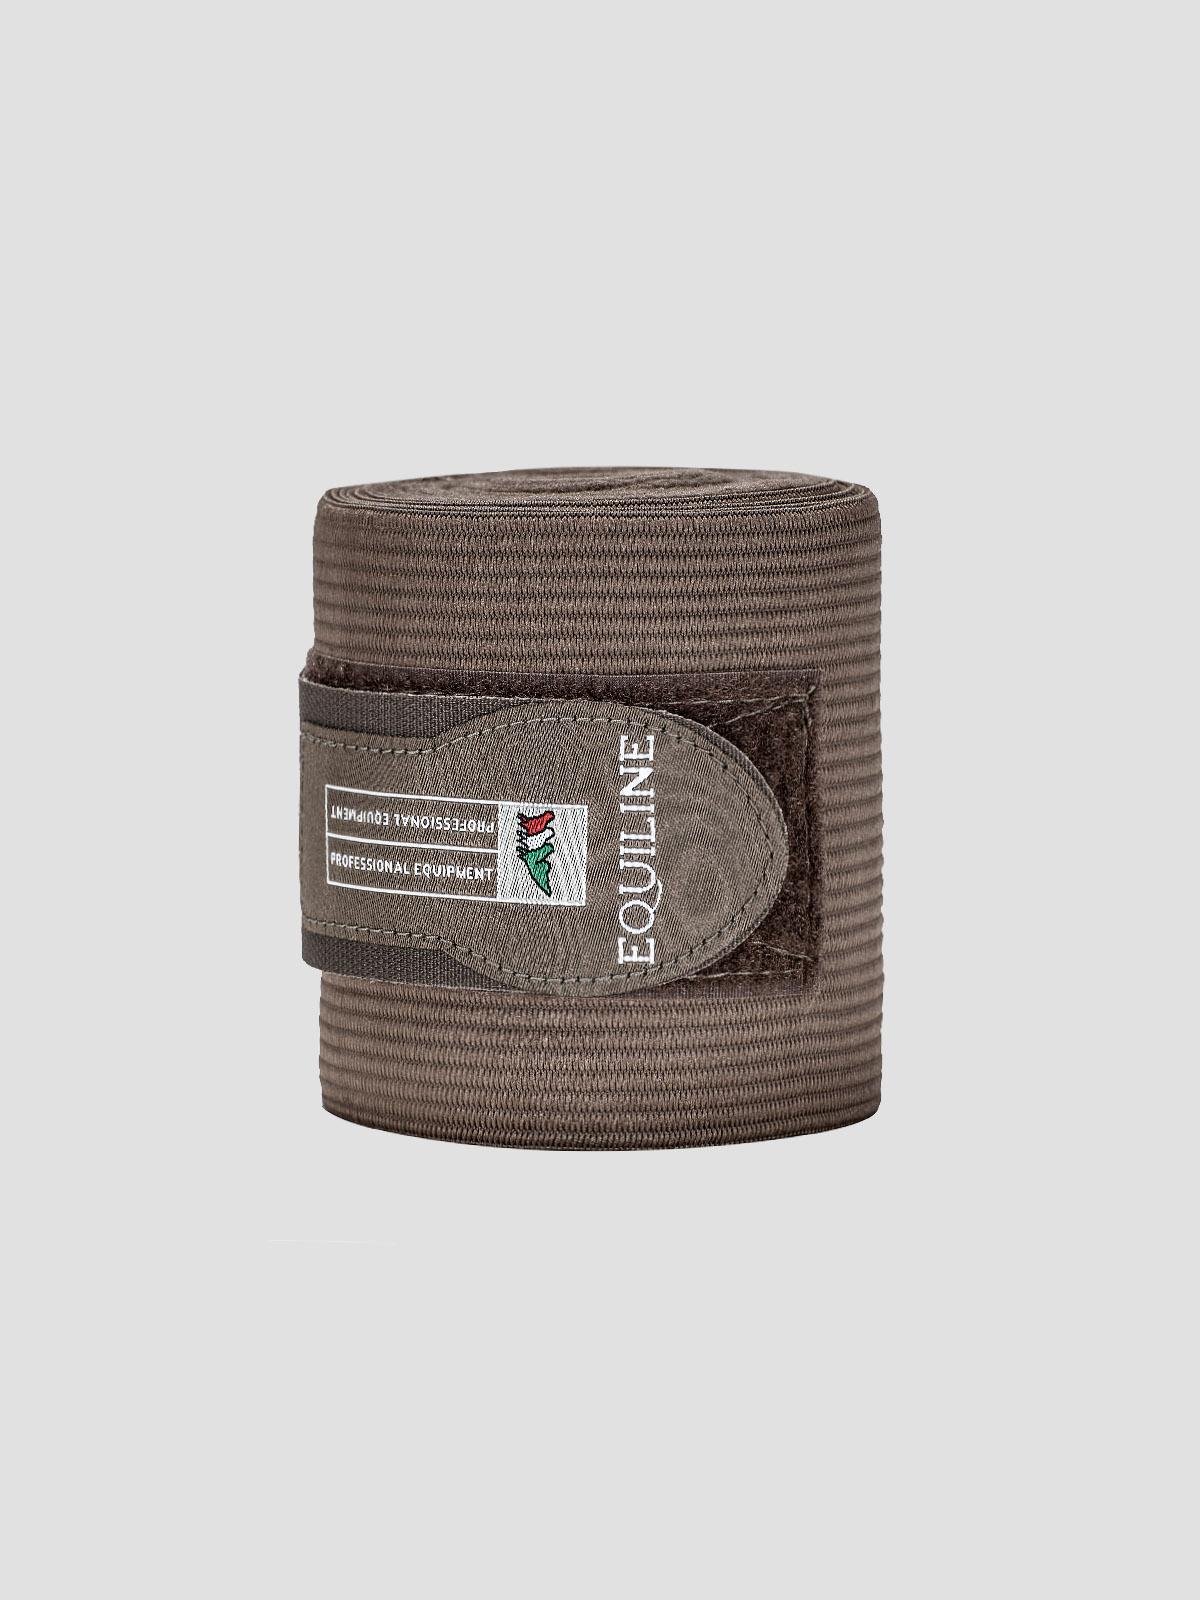 WORK - Fleece and Elastic Bandages 7